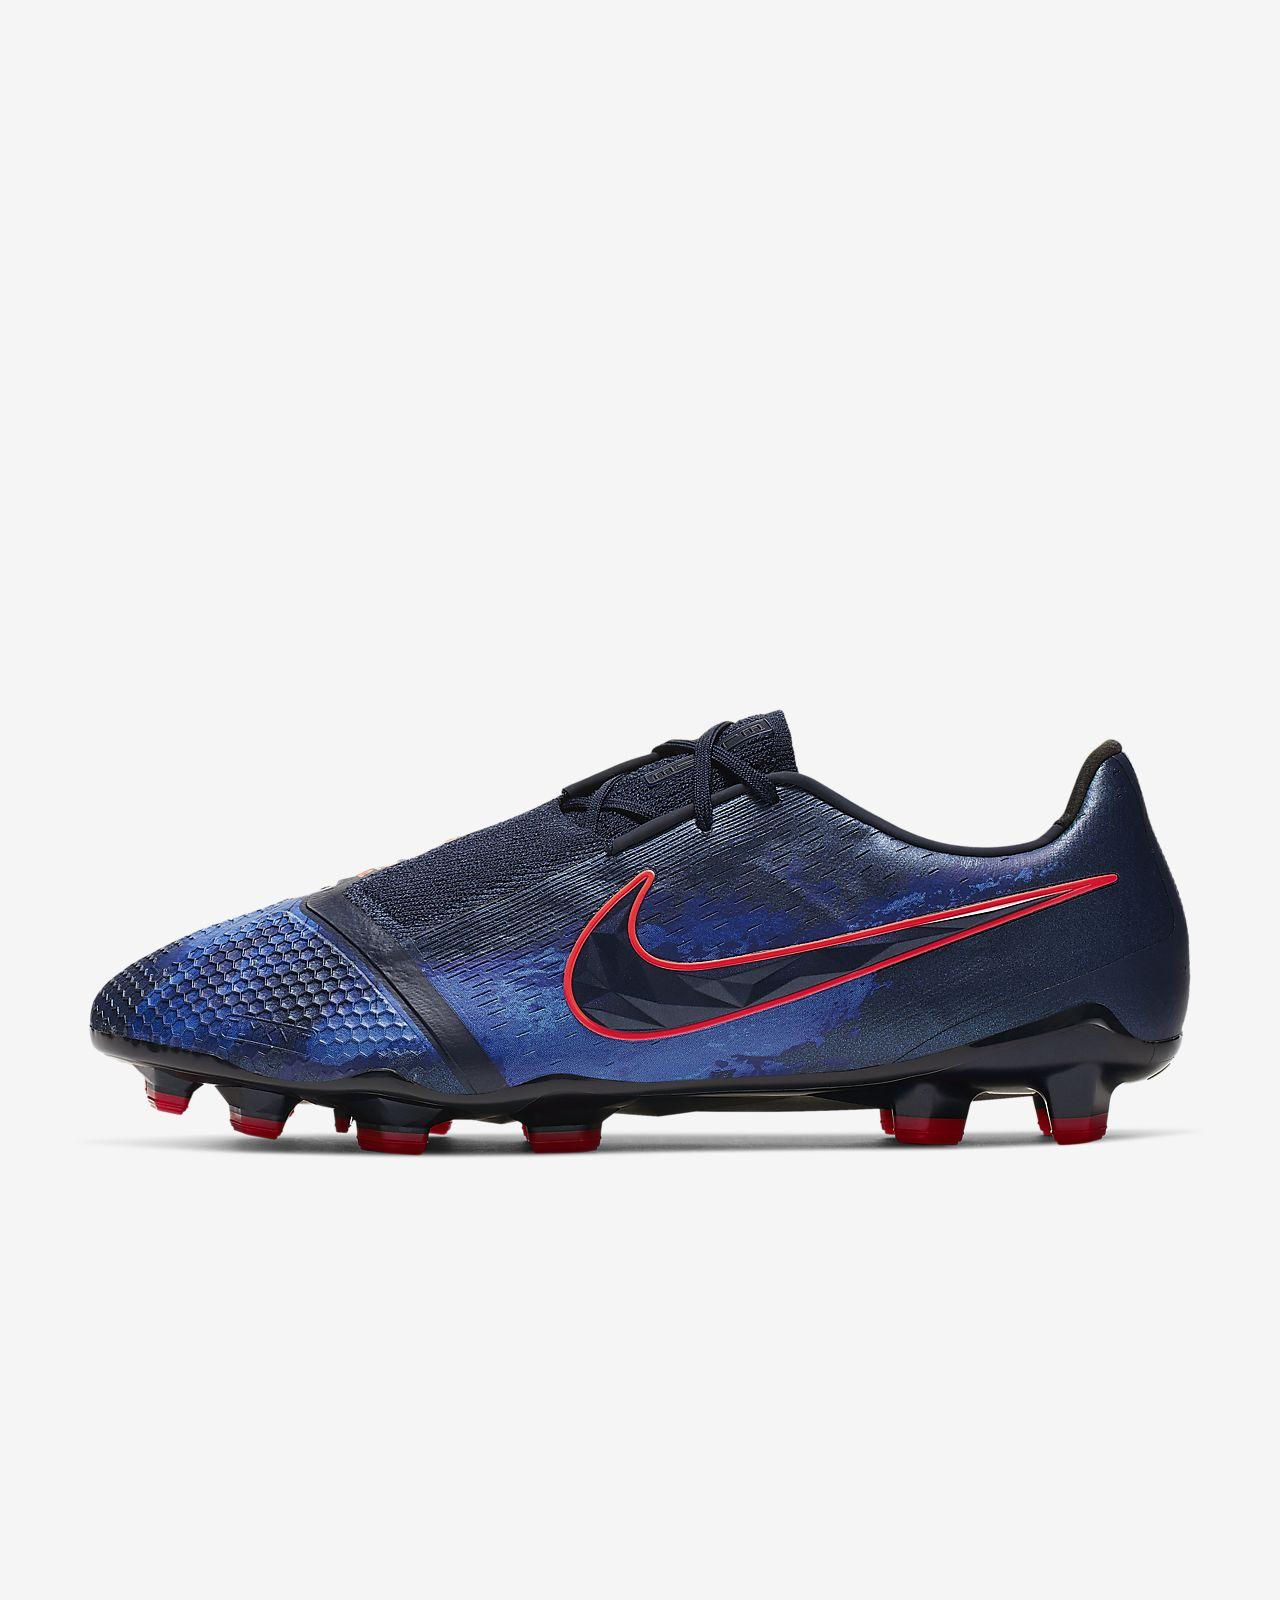 quality design b51b1 64343 ... Chaussure de football à crampons pour terrain sec Nike Phantom Venom  Elite FG